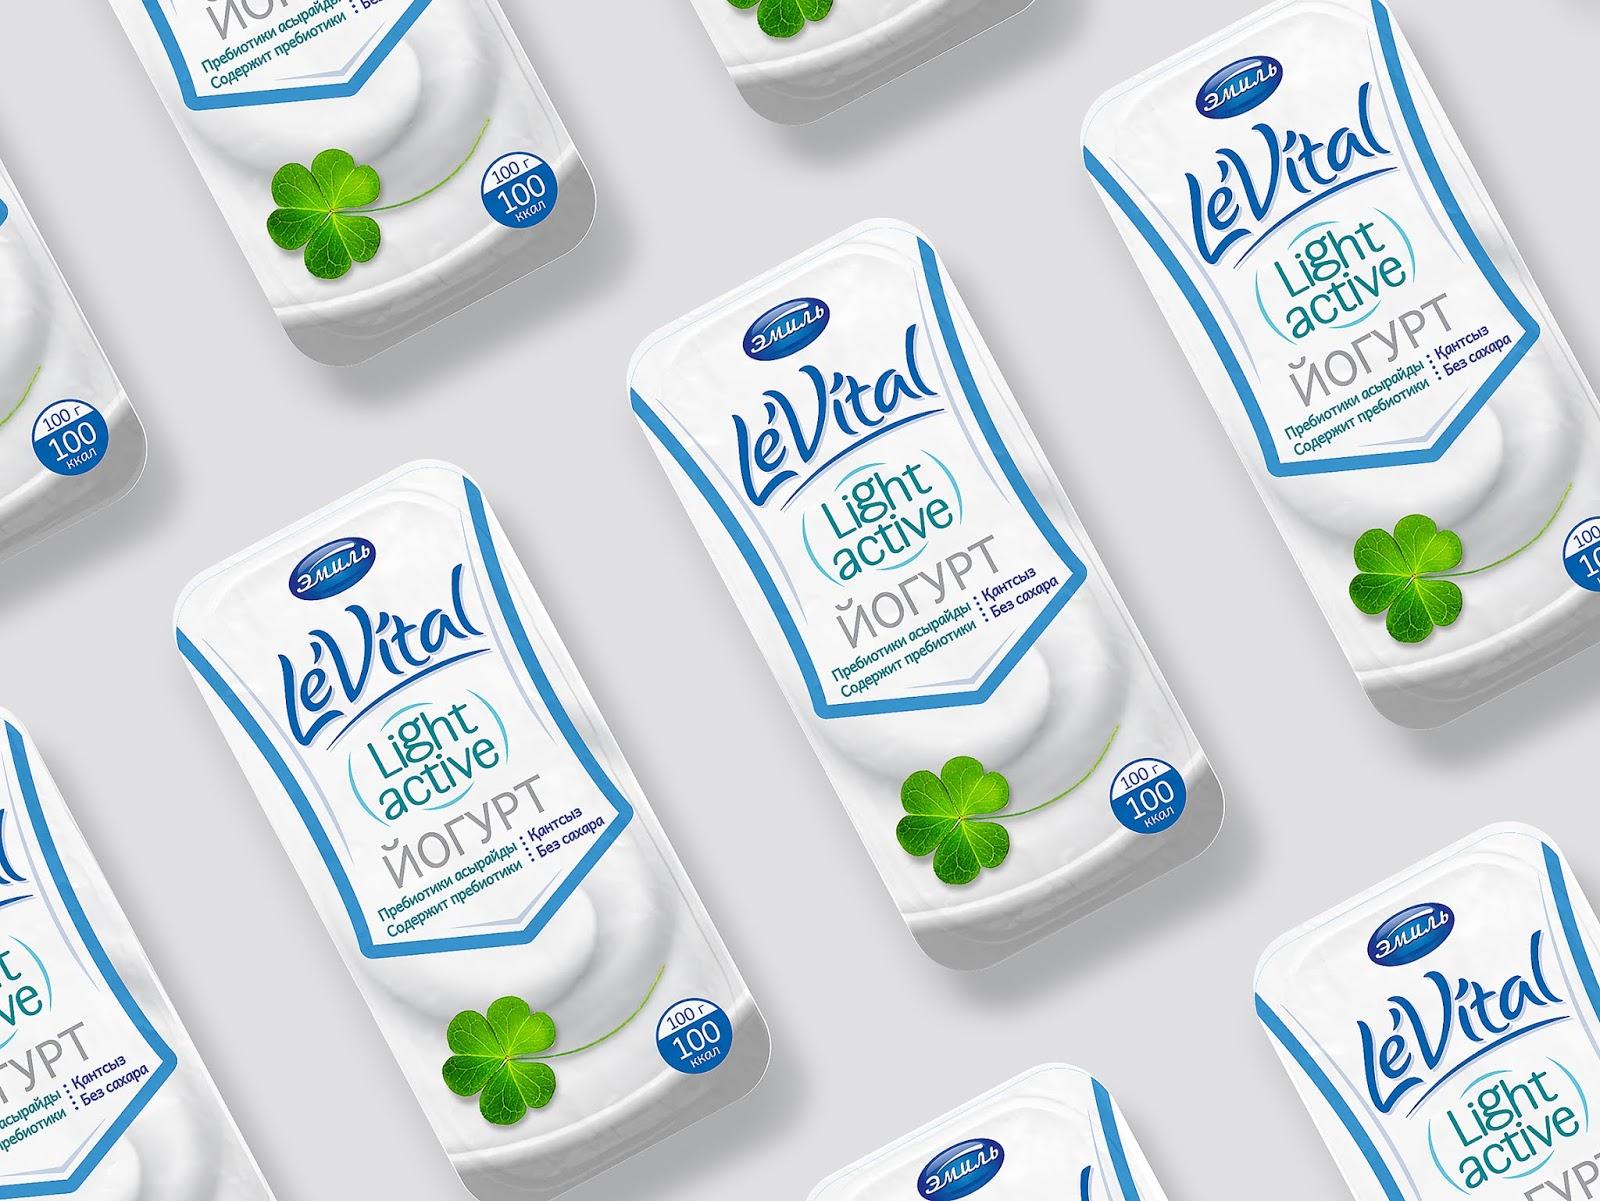 LeVital低脂牛奶包装设计